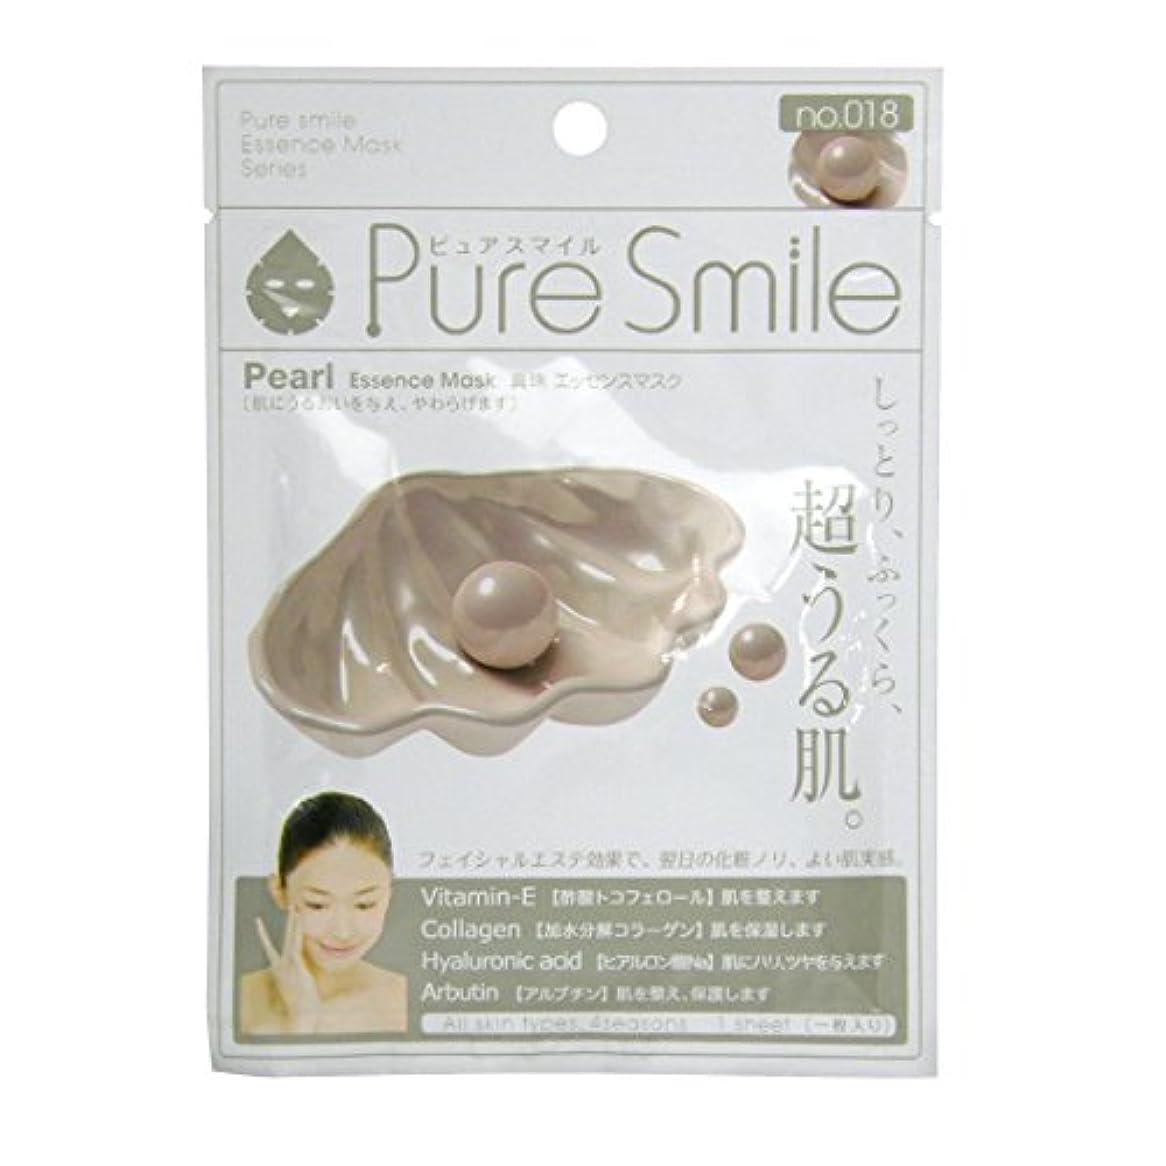 裁判所悪行見るPure Smile エッセンスマスク 真珠 23ml?30枚